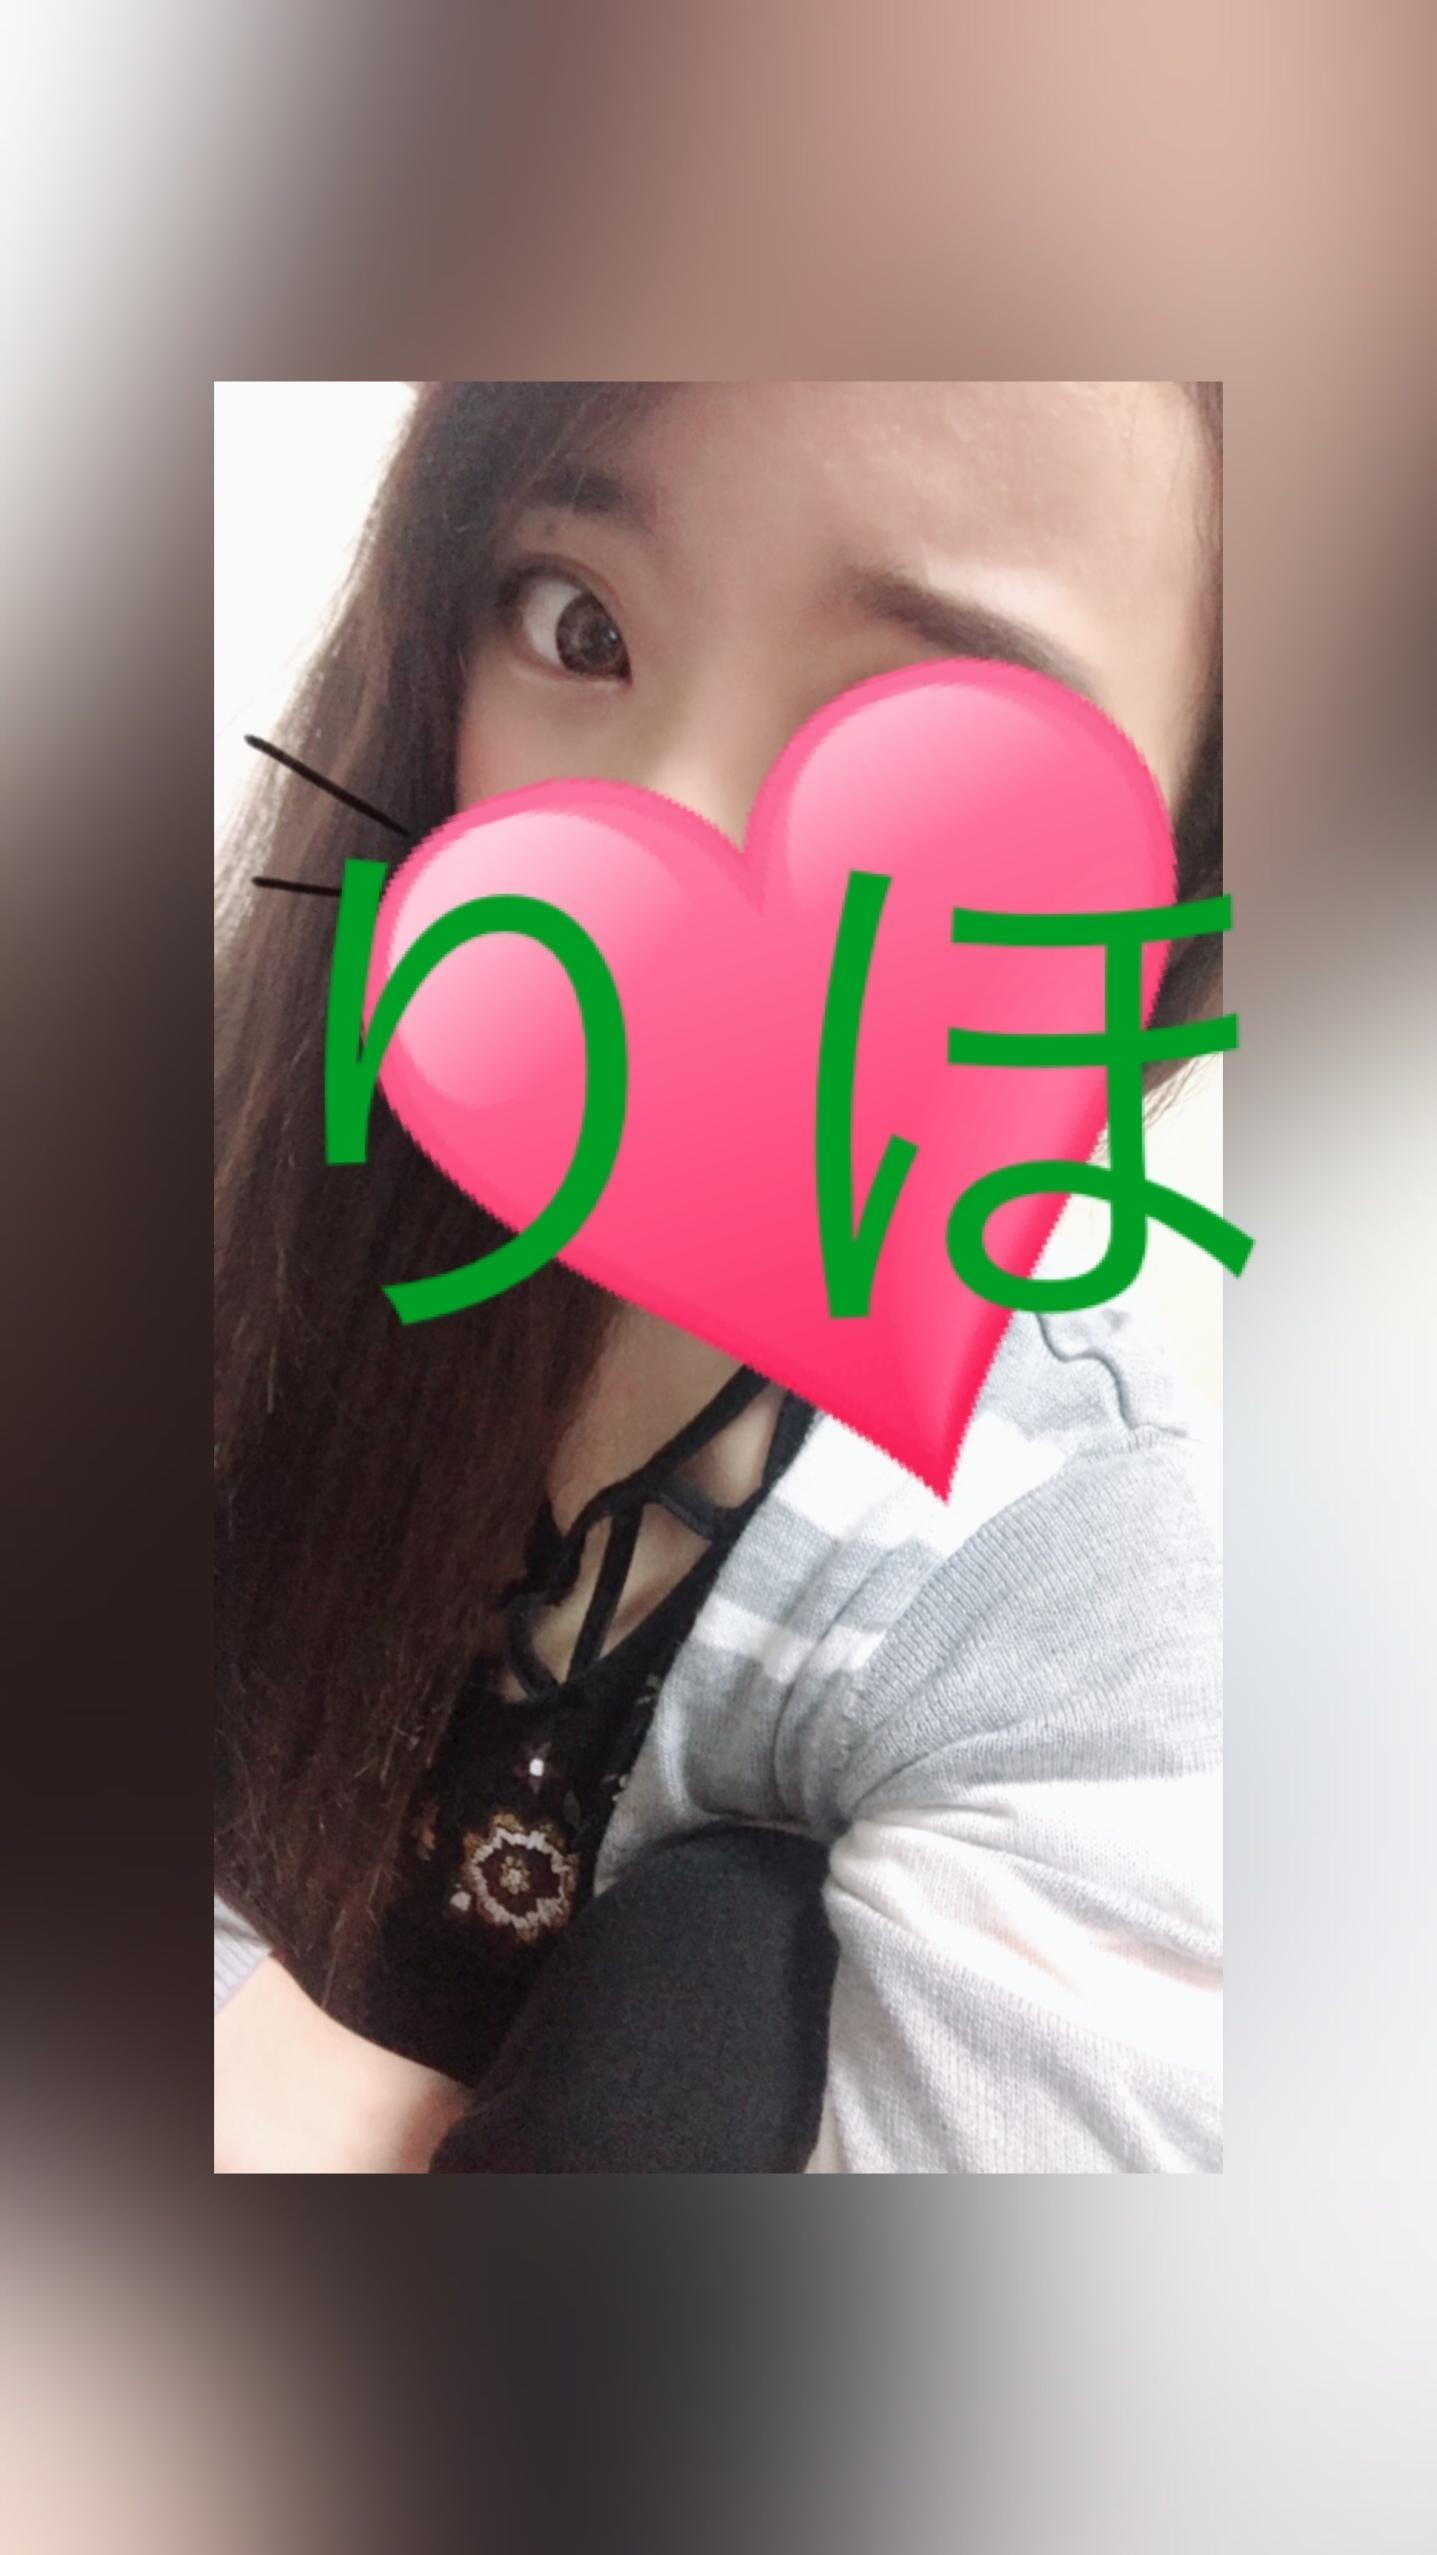 「おはようございます」08/23(08/23) 20:31 | りほの写メ・風俗動画